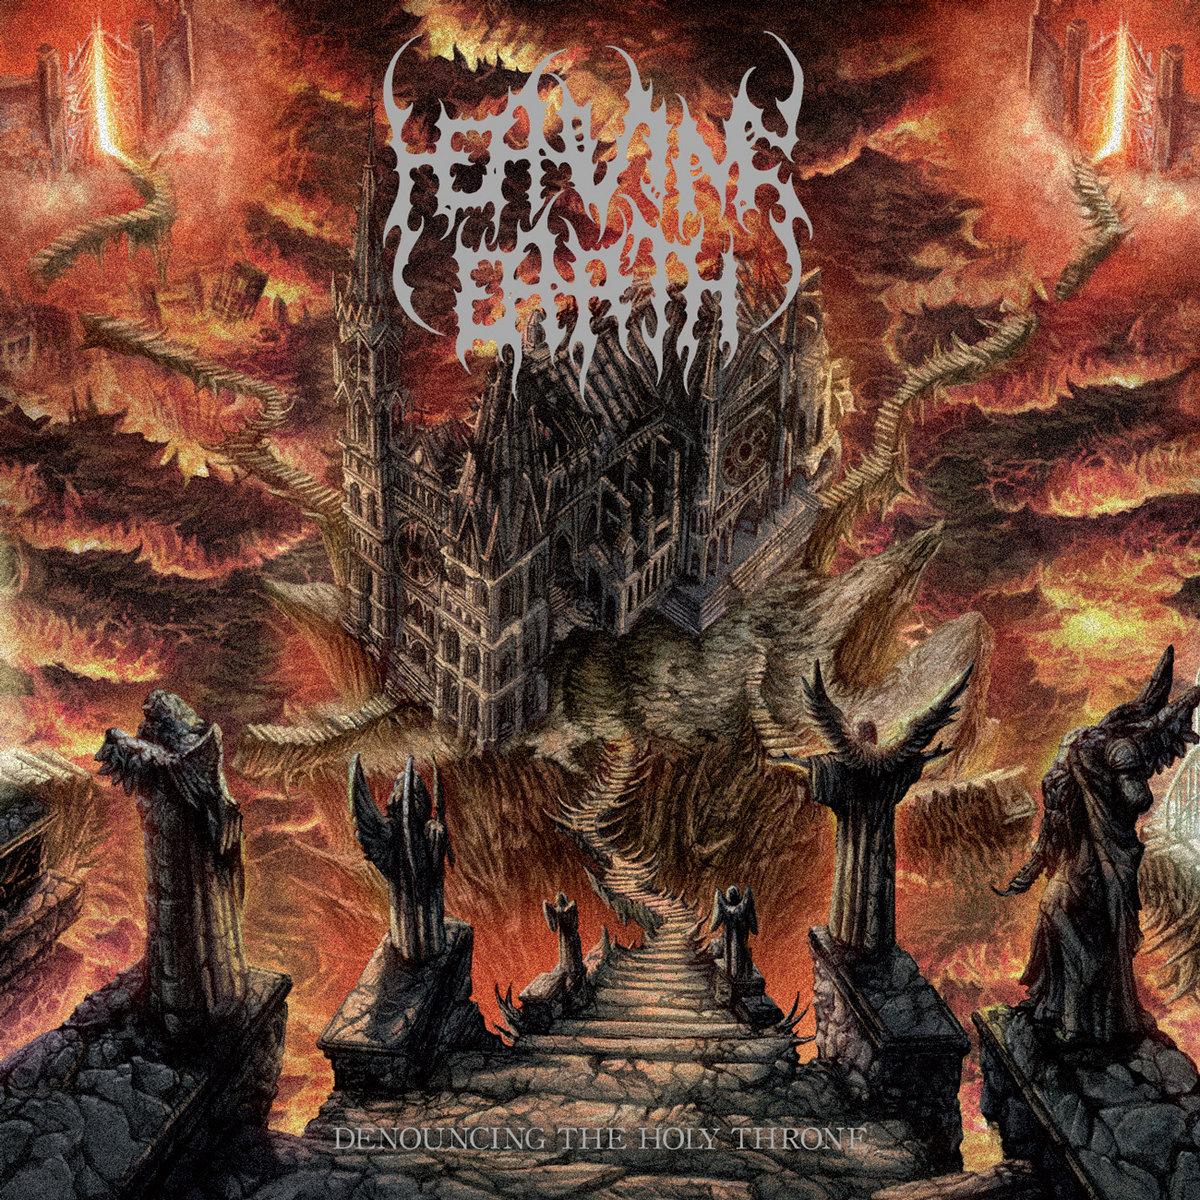 HEAVING EARTH - Denouncing The Holy Throne (Album, 2015)